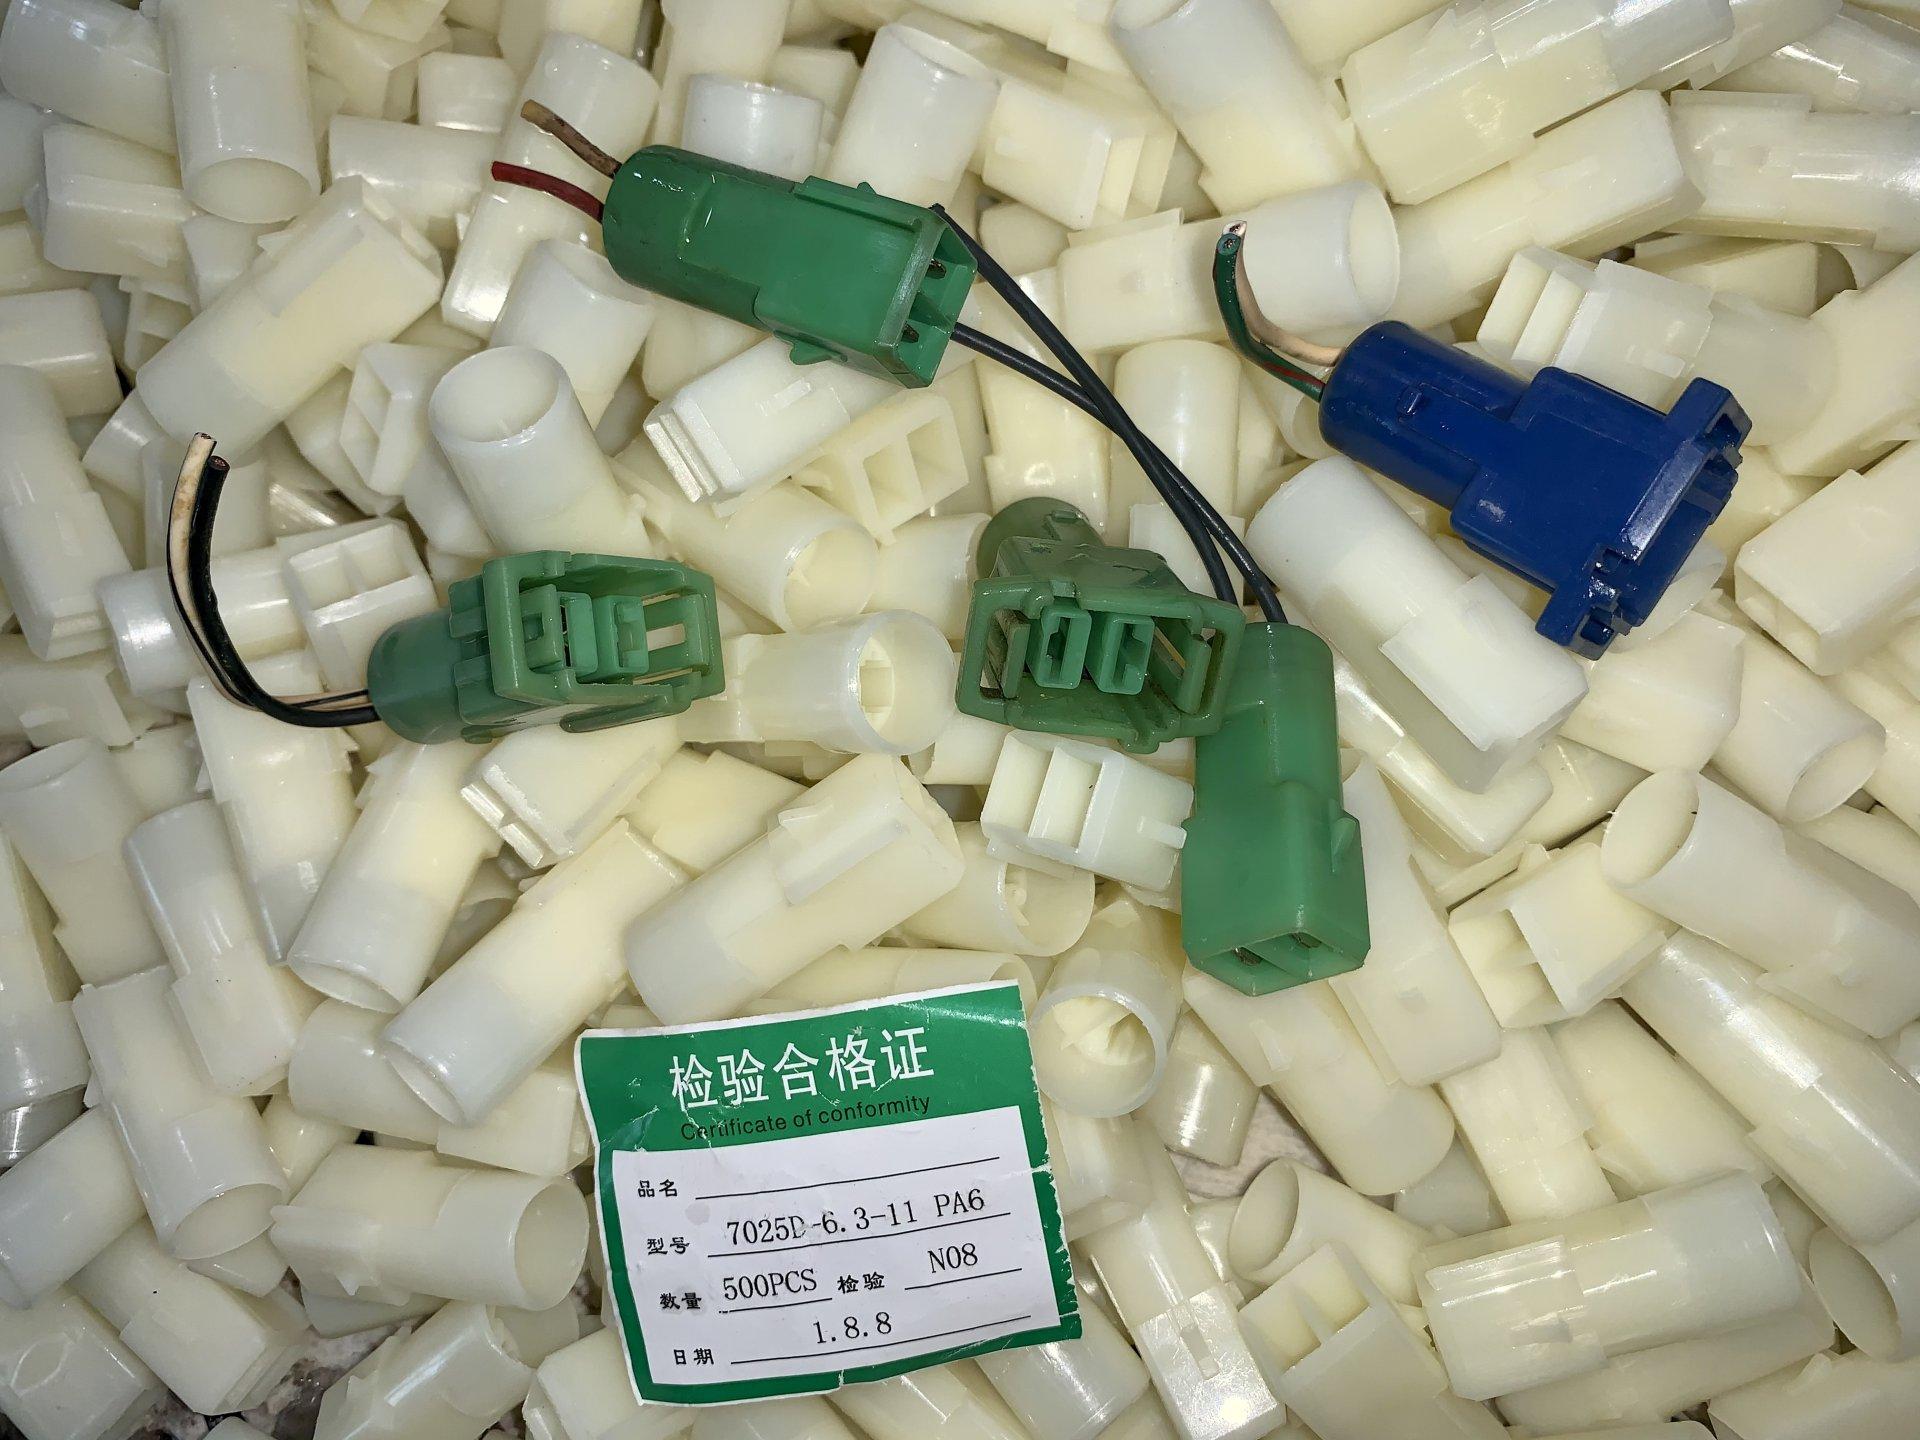 79D87AE0-2C2B-4BC0-915C-BCE9E432660C.jpeg